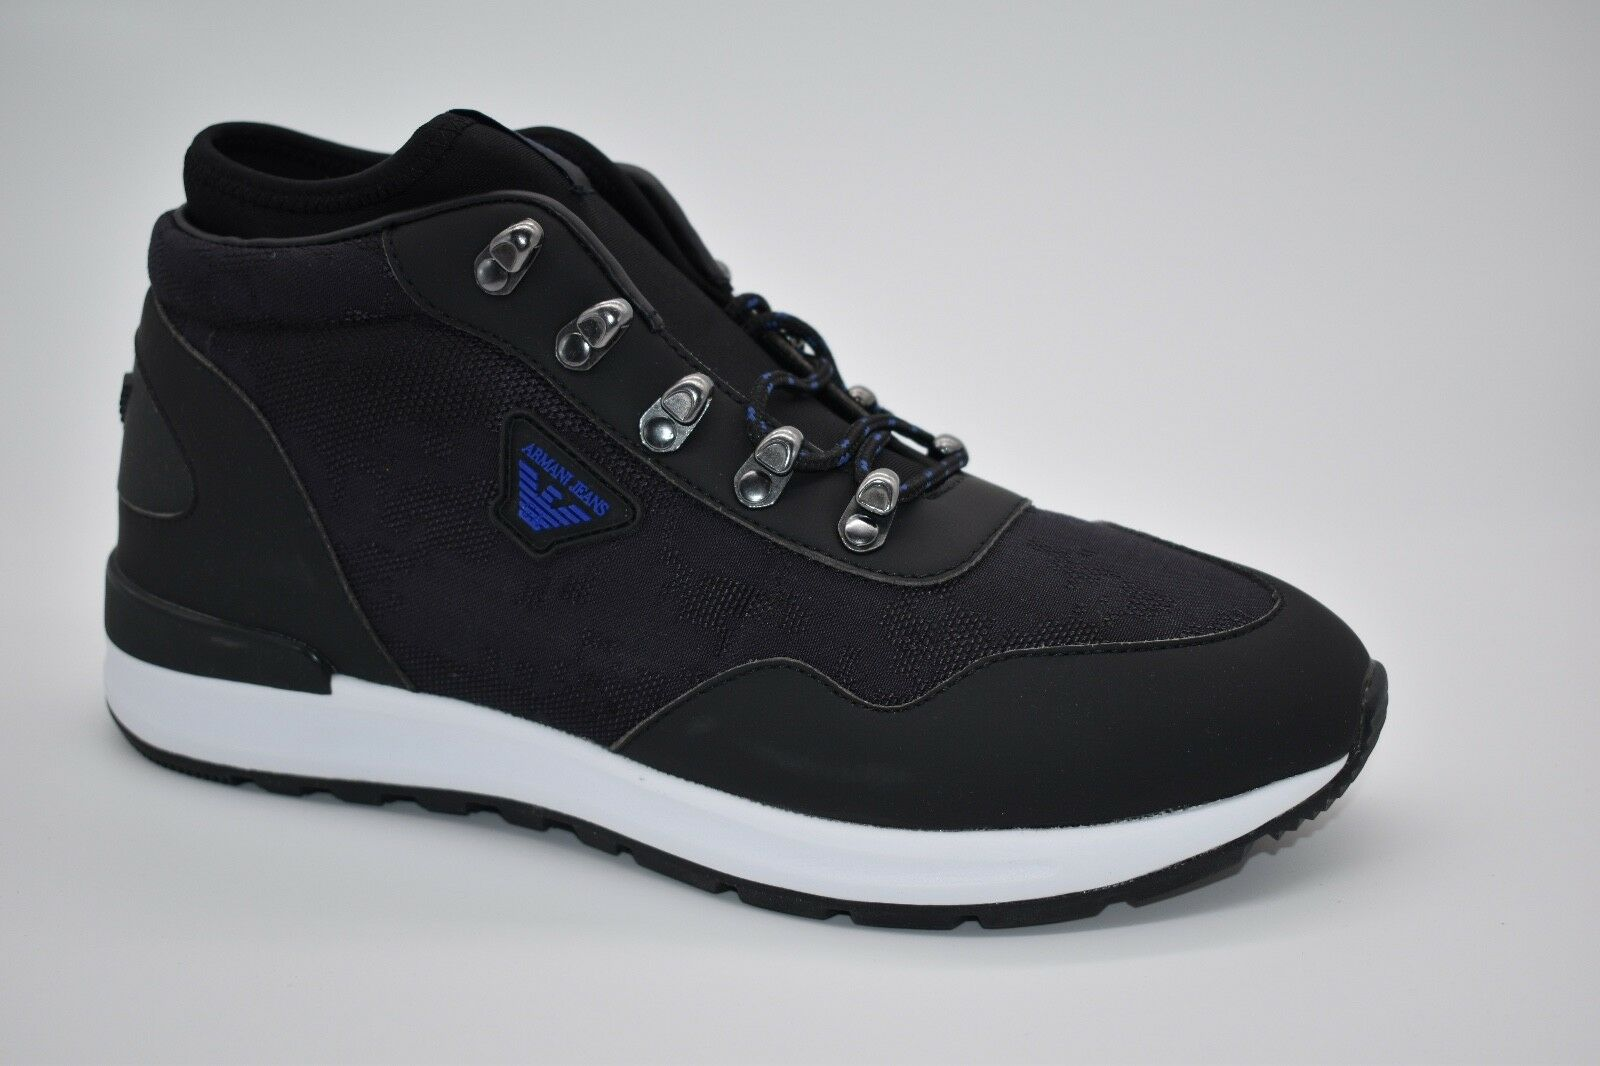 Arhommei Jeans 935125 7A408 Randonnée paniers en Noir Taille UK 9